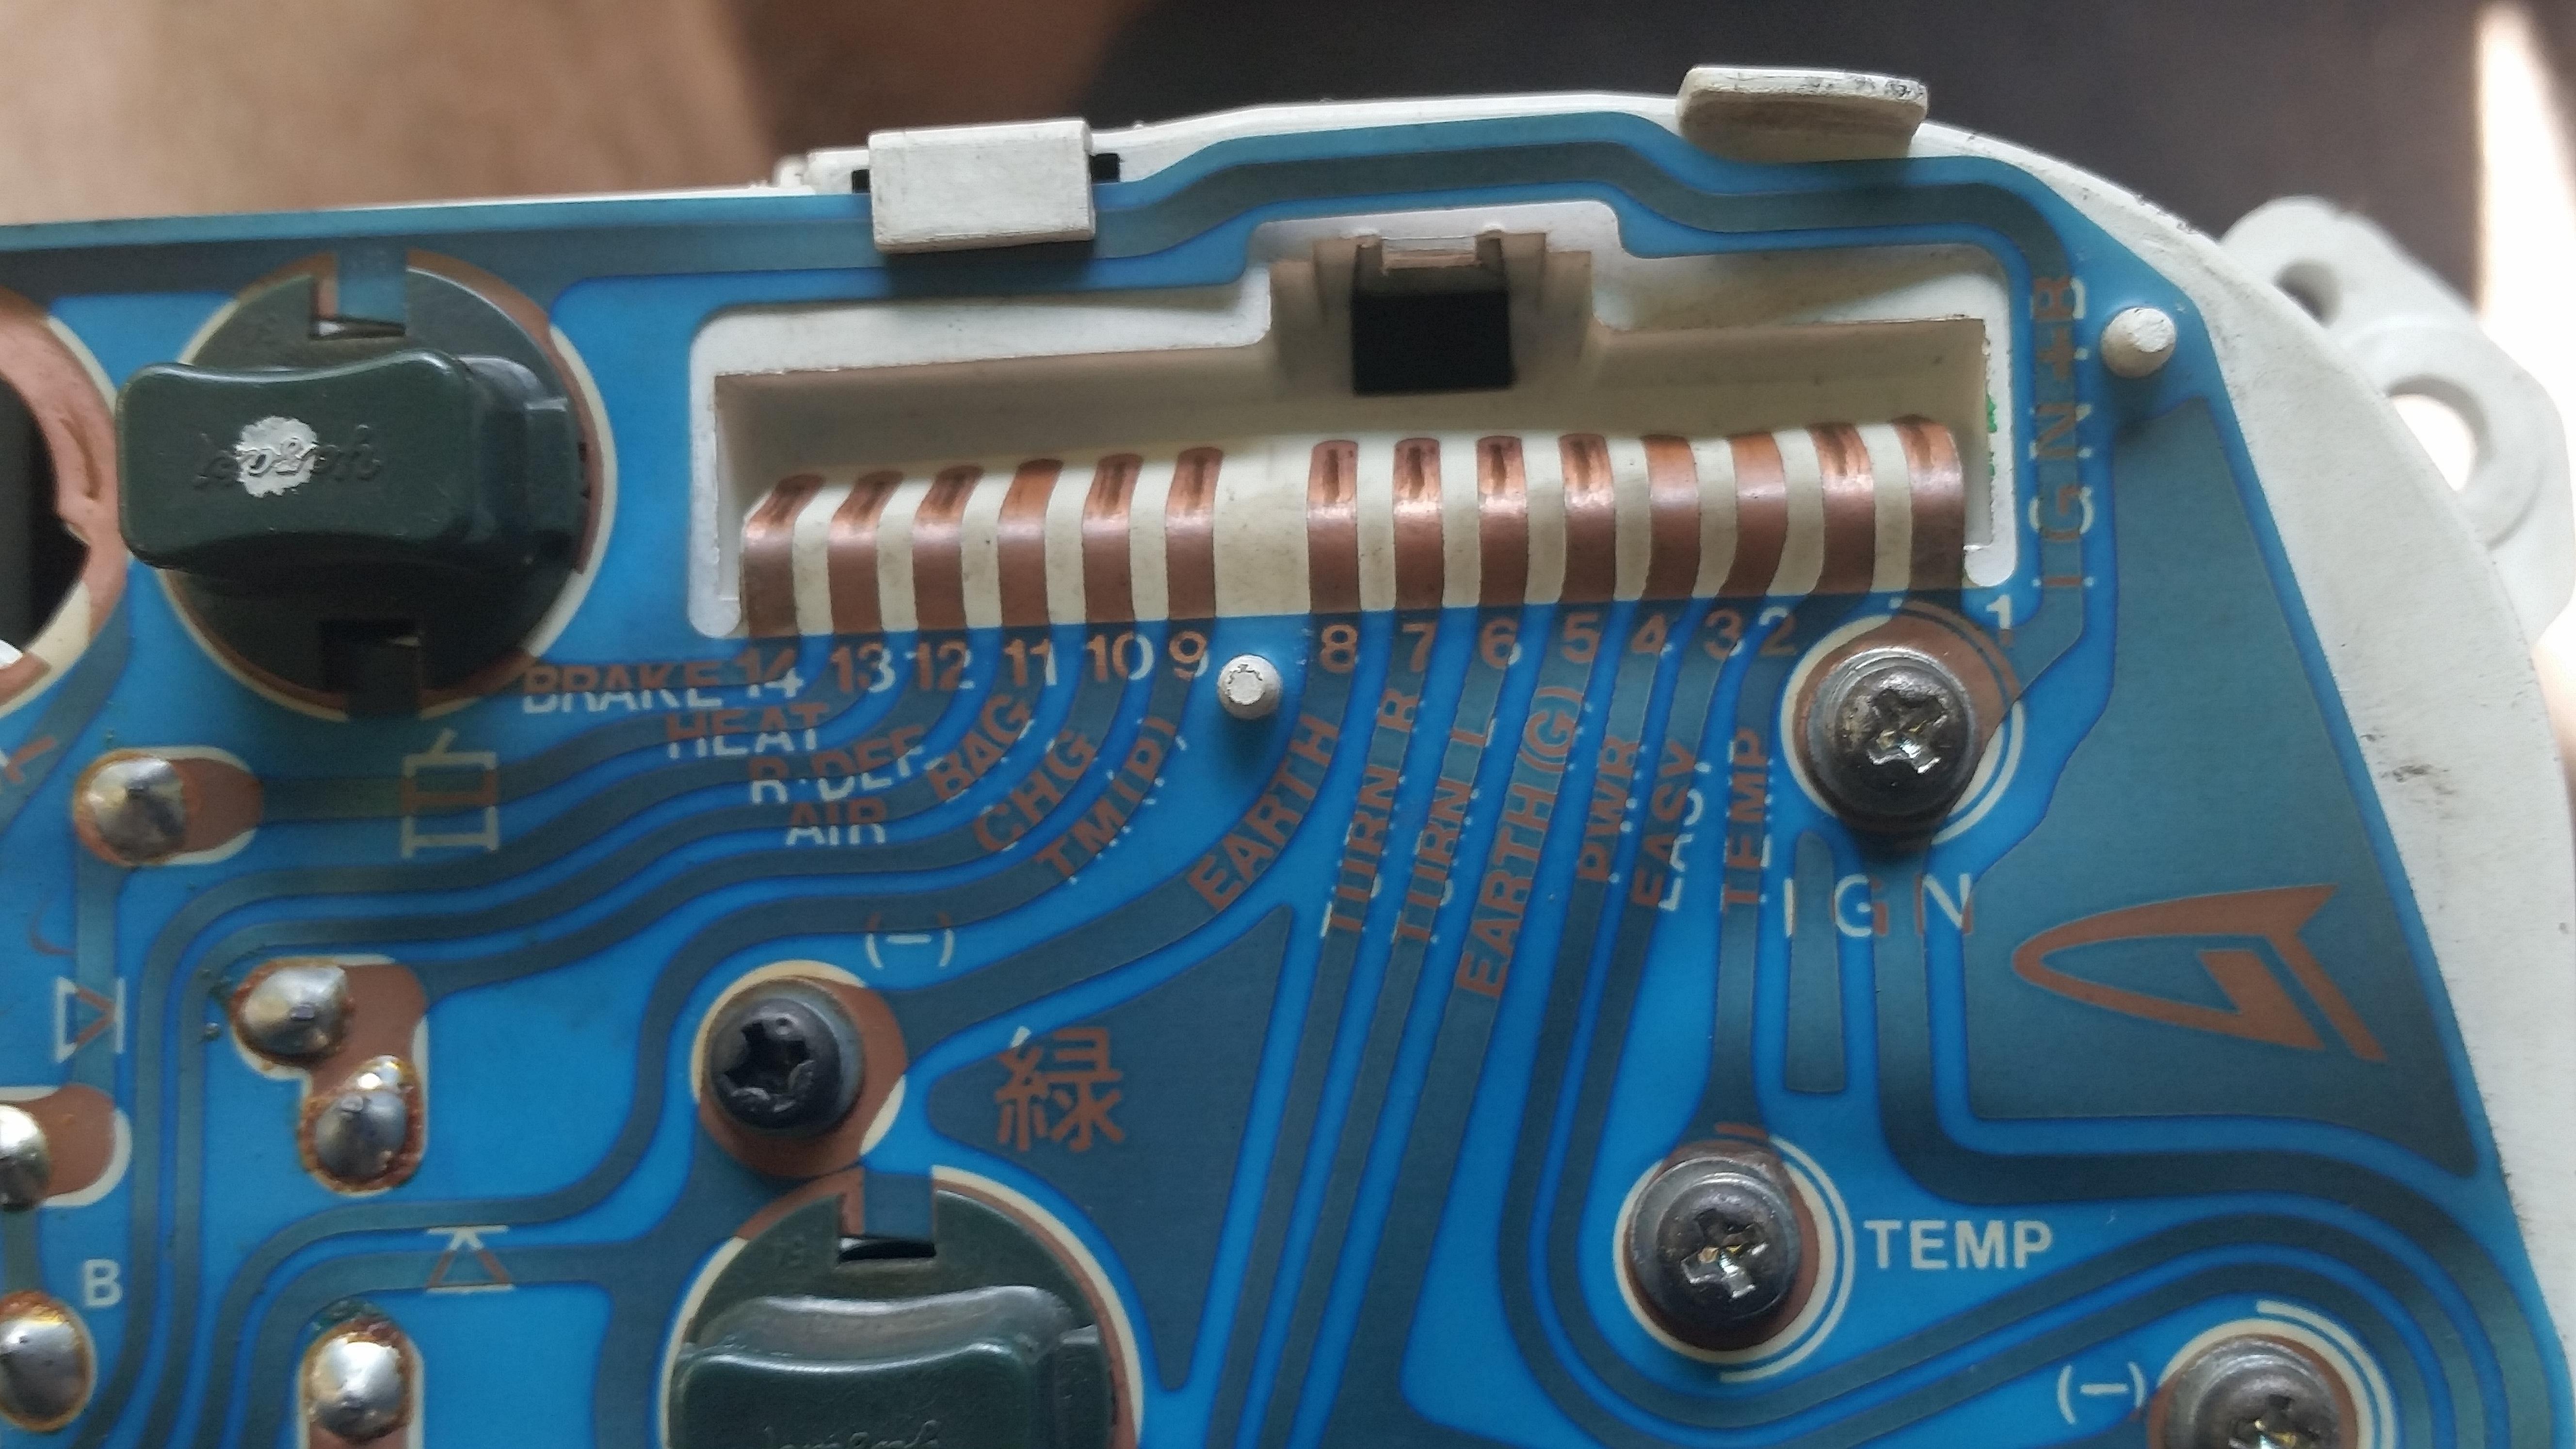 G201 DeTomaso 14 pin socket